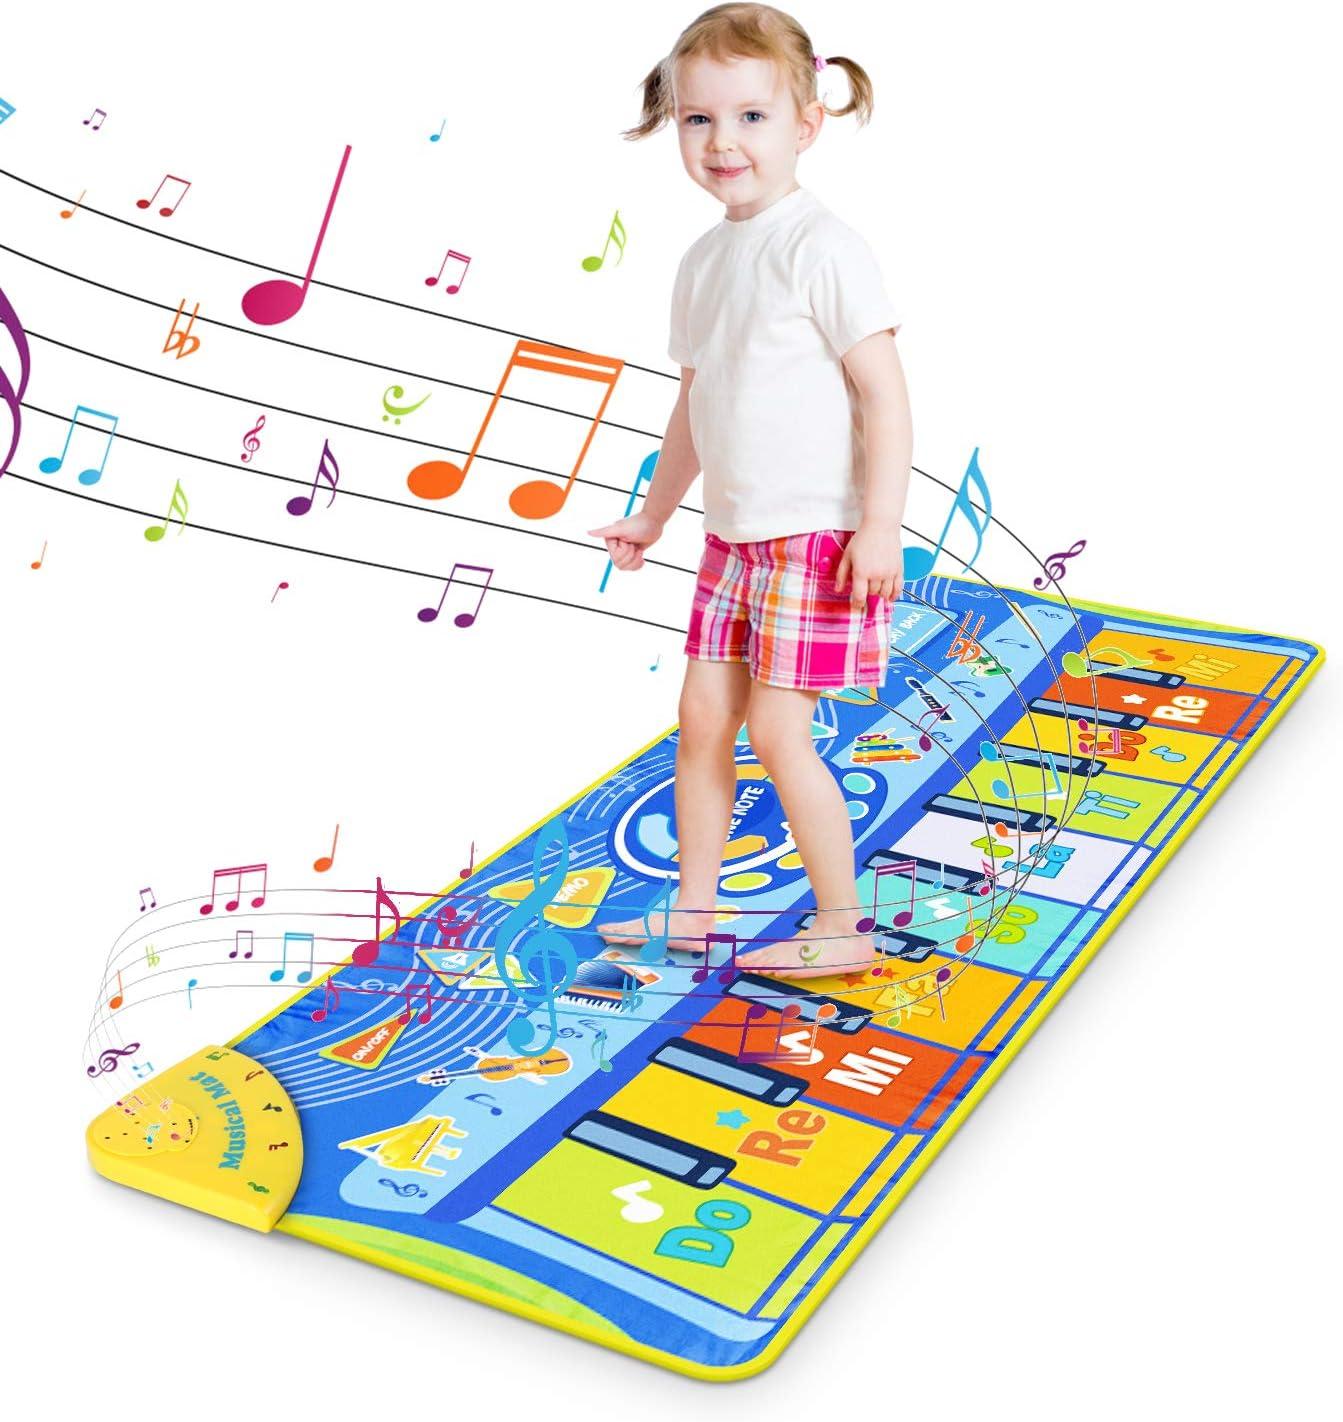 Best Educational Music Toys 130x48cm Kids Piano Mat Music Mat Dance Mat Keyboard Musical Mat Touch Play Mat Floor Playmat for Babies Children Toddlers Boys Girls Gift